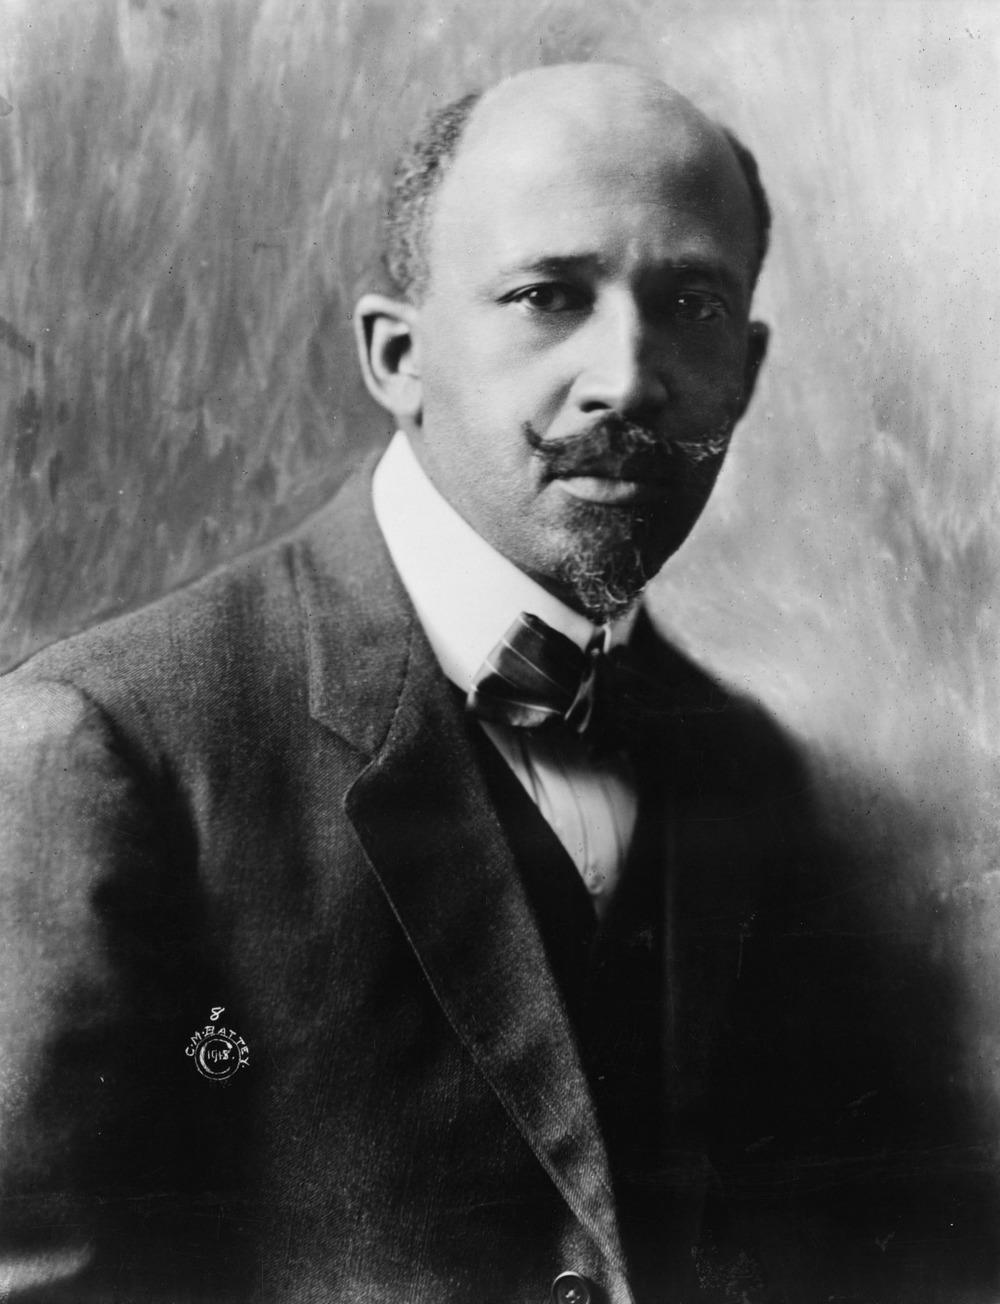 W.E.B. Dubois in 1918